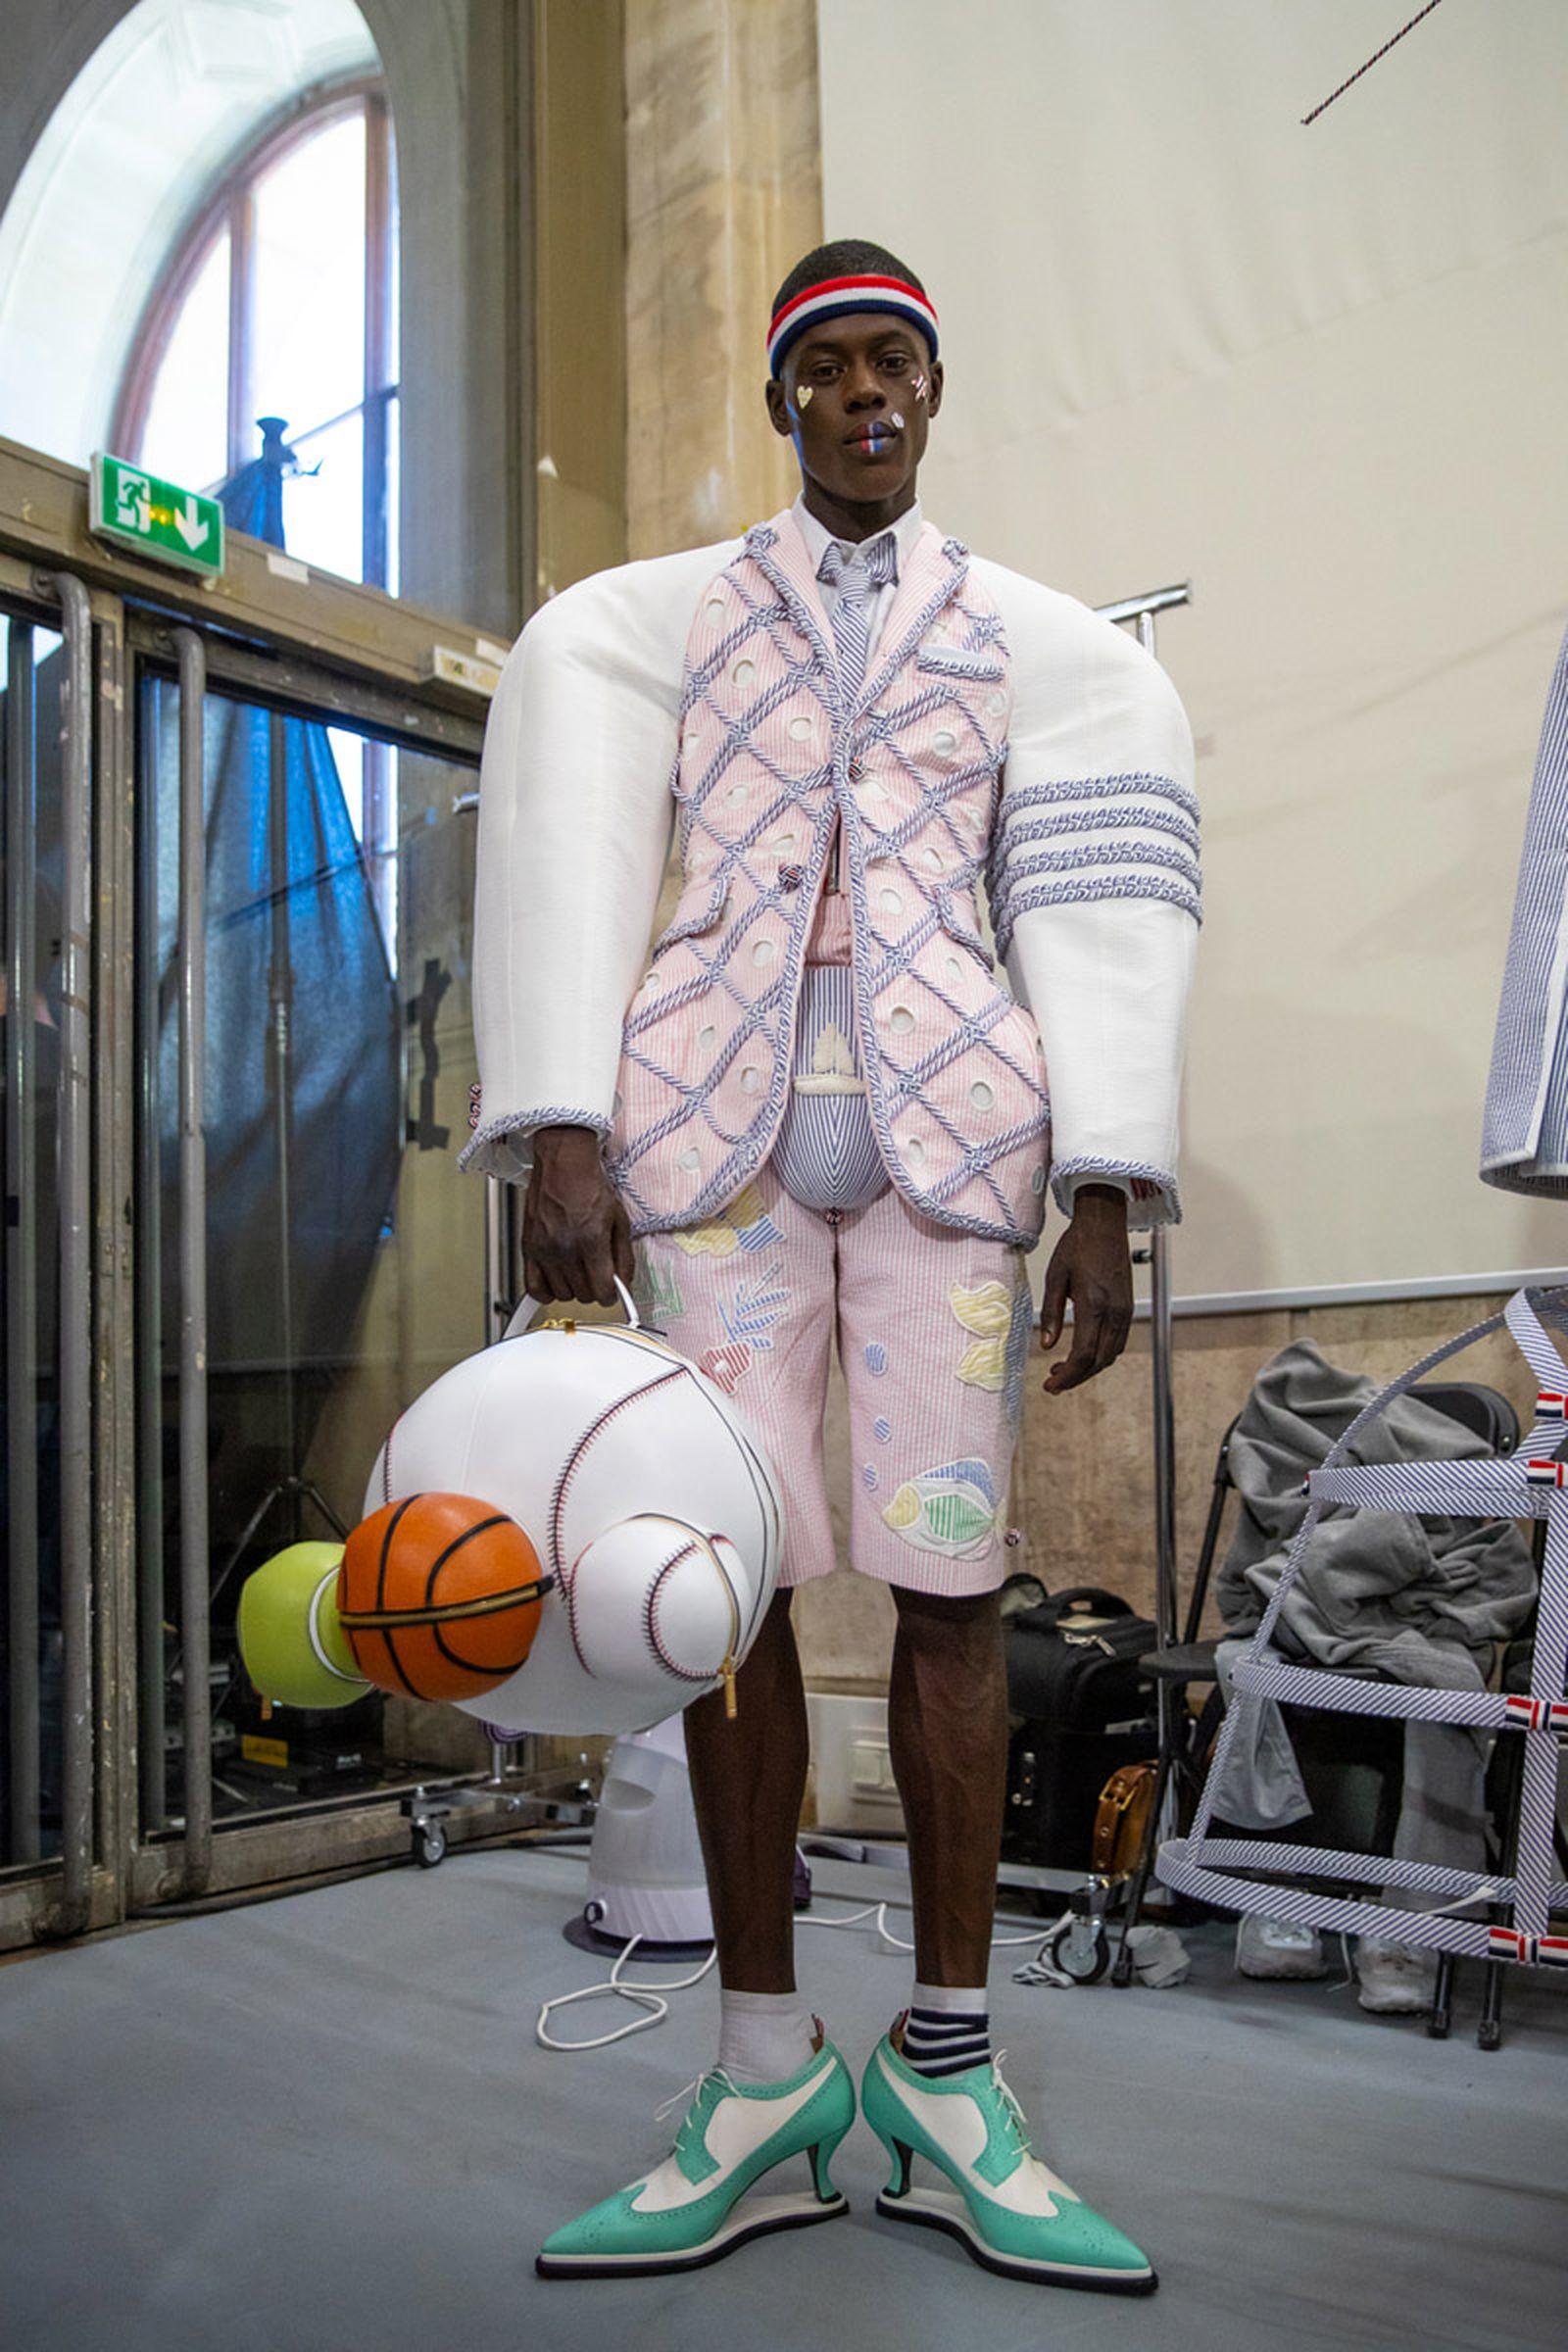 MSS20 Paris Thom Browne Eva Al Desnudo For web 05 paris fashion week runway